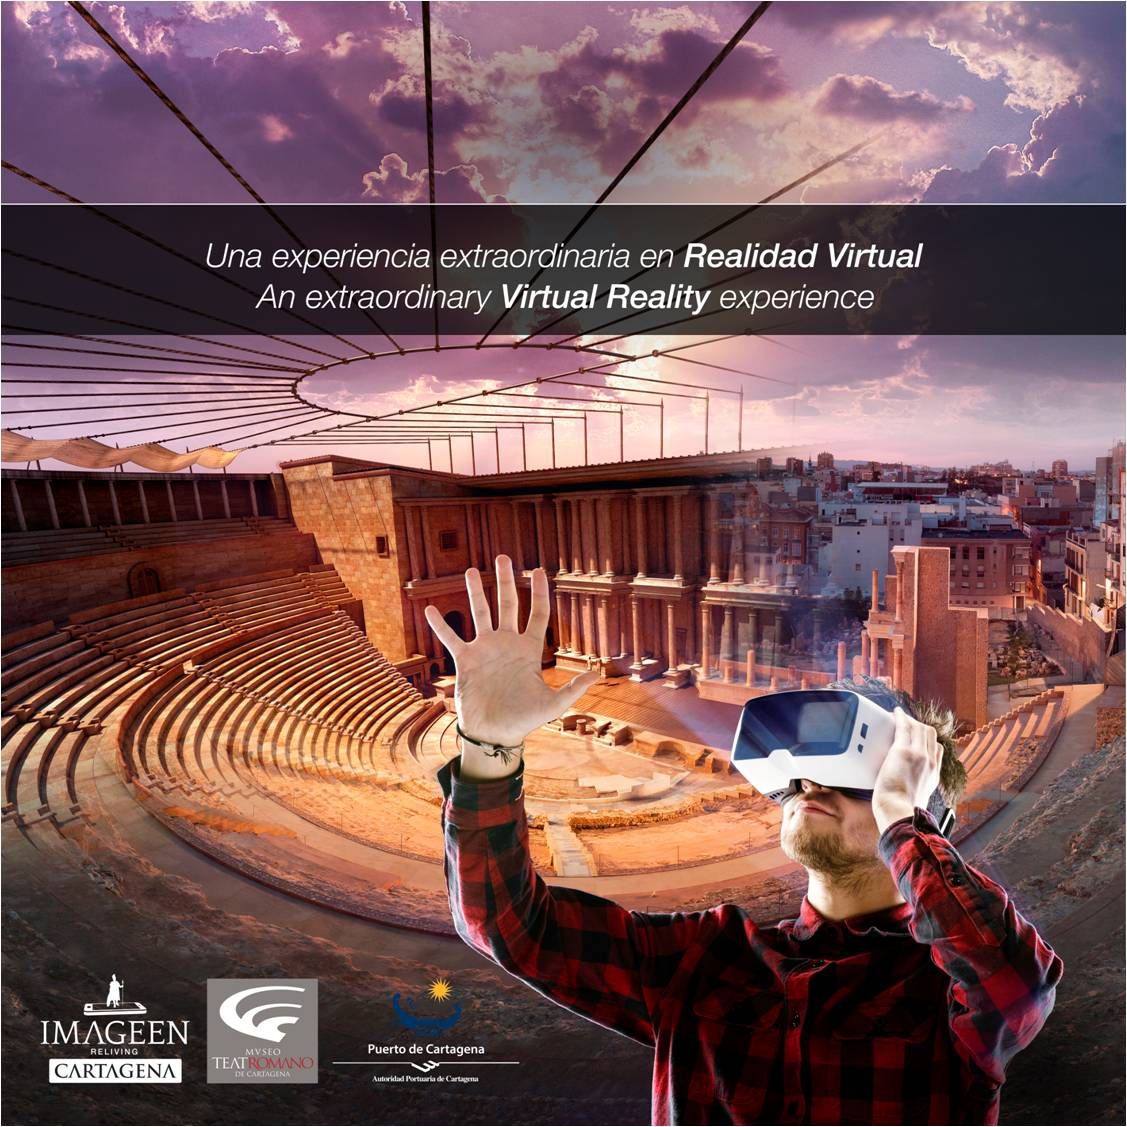 Realidad virtual teatro 2